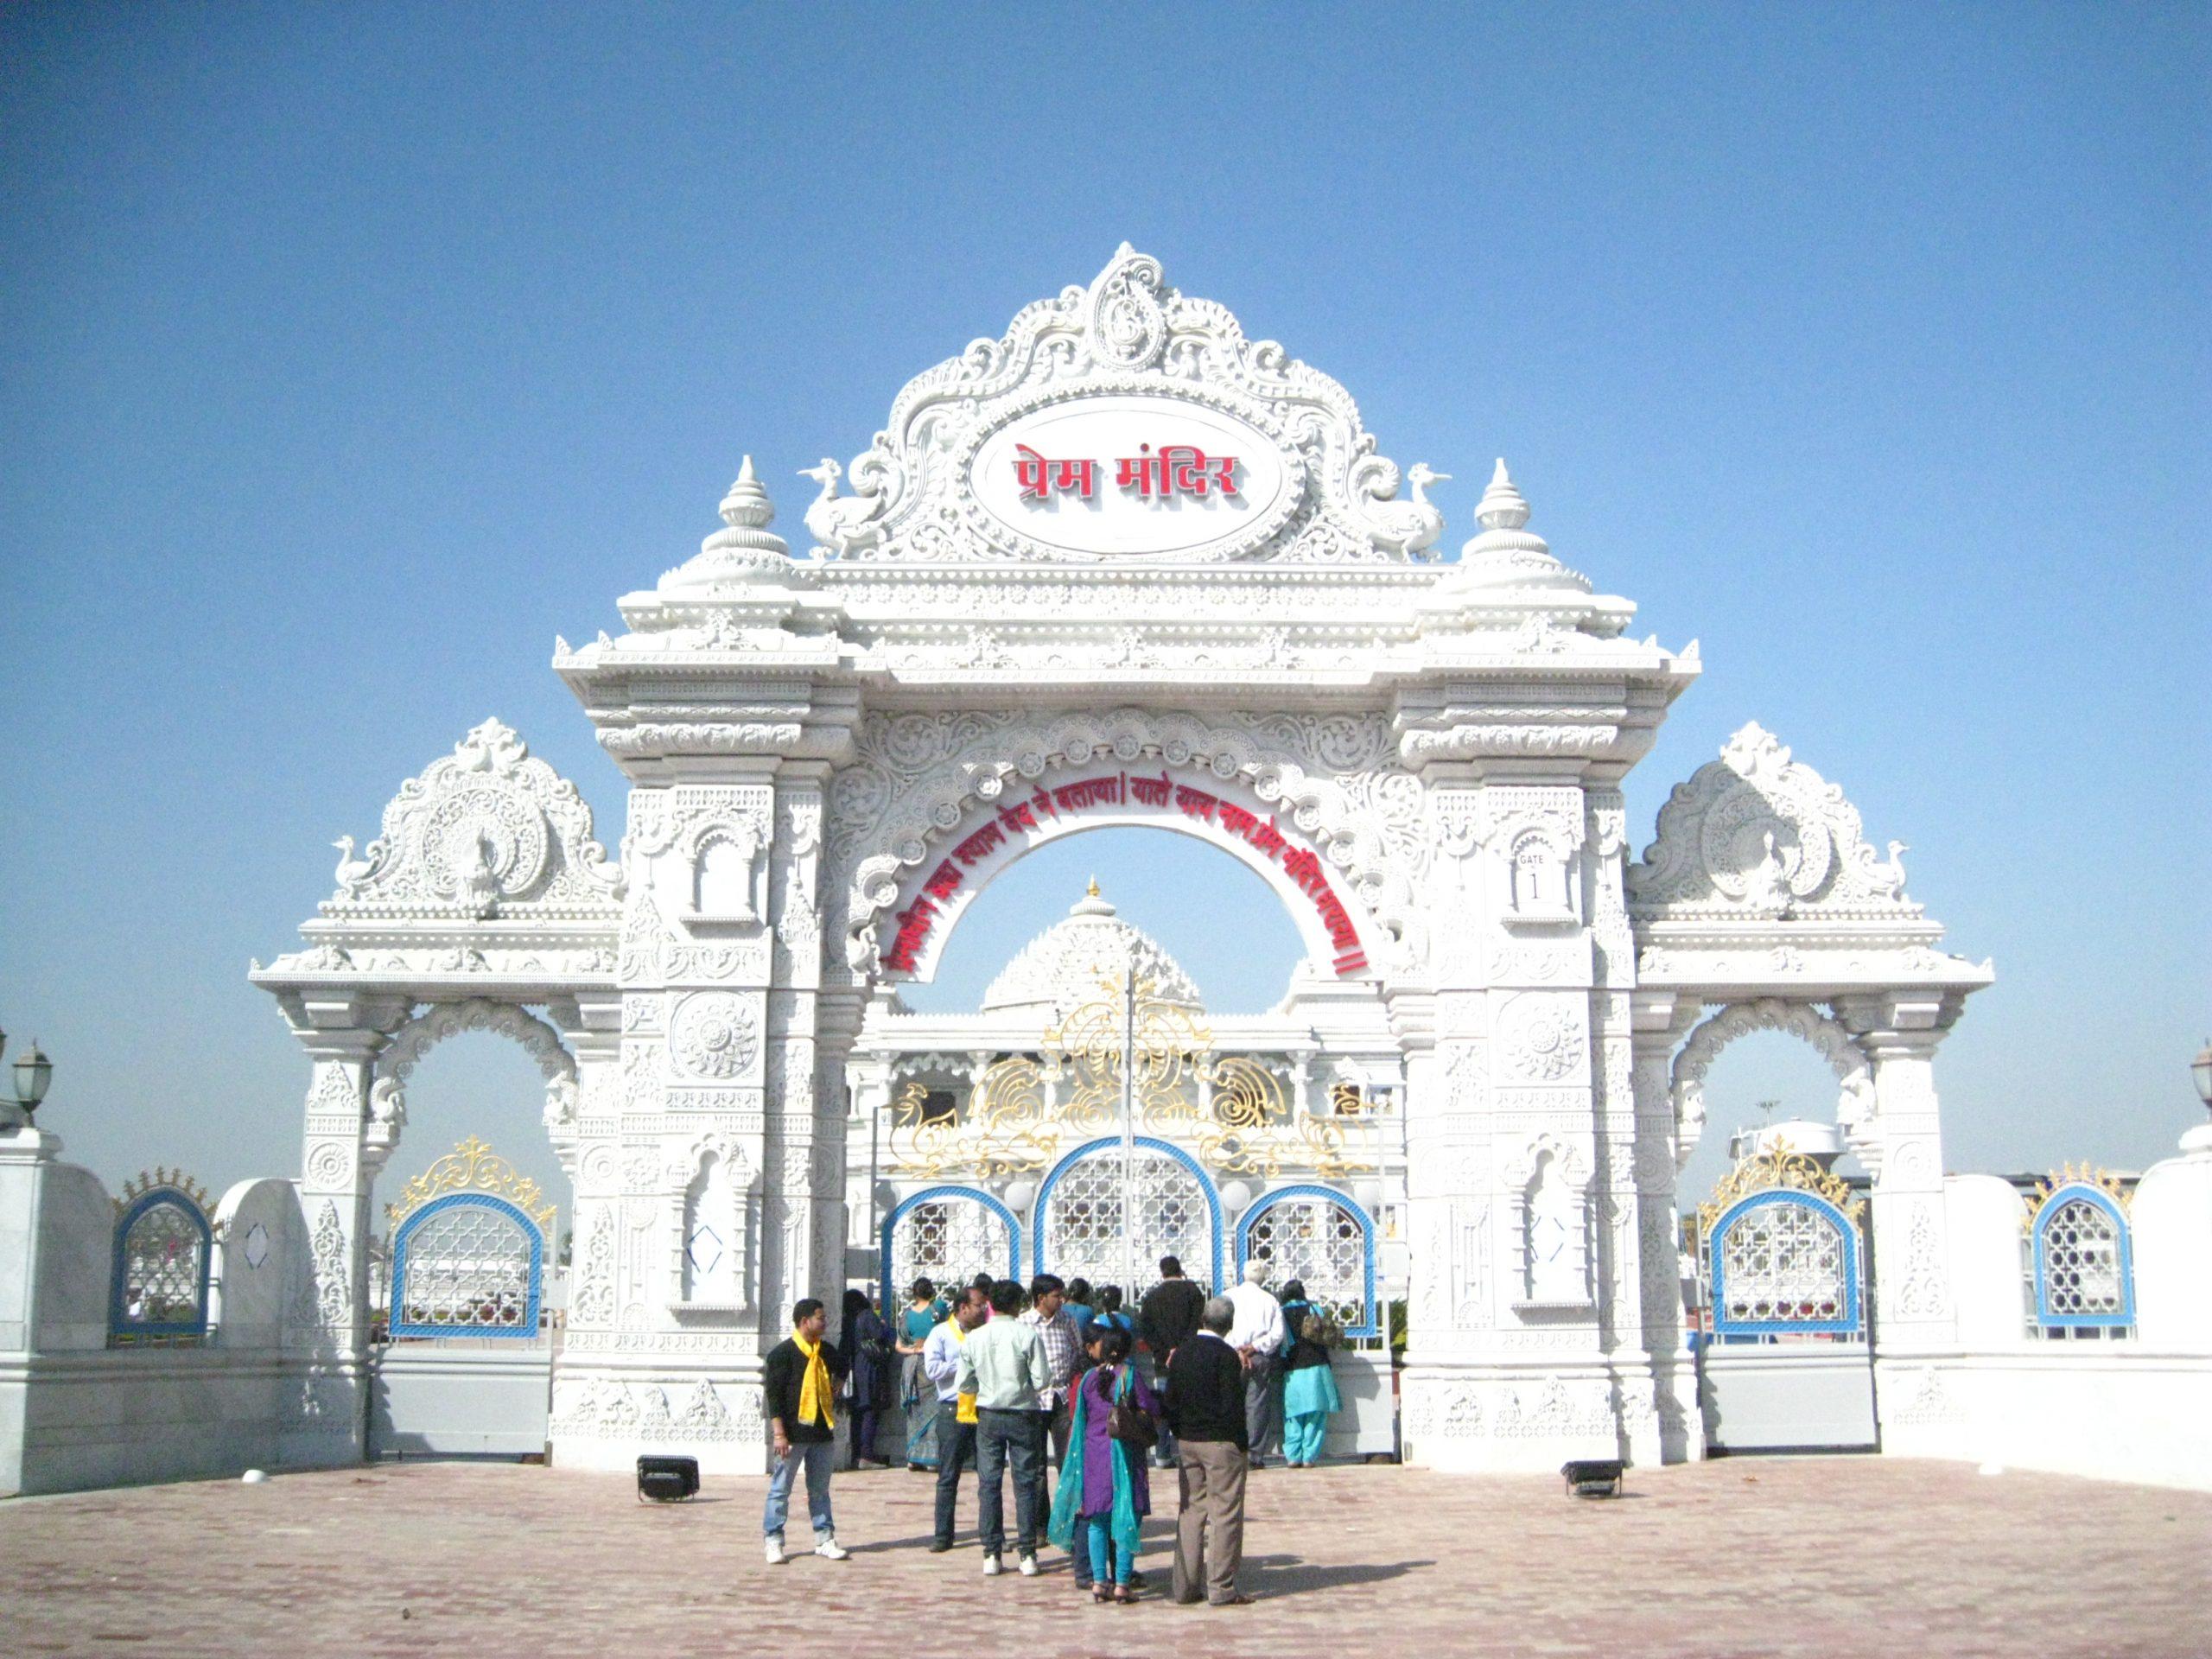 Popular Temple in Vrindavan-Prem Mandir